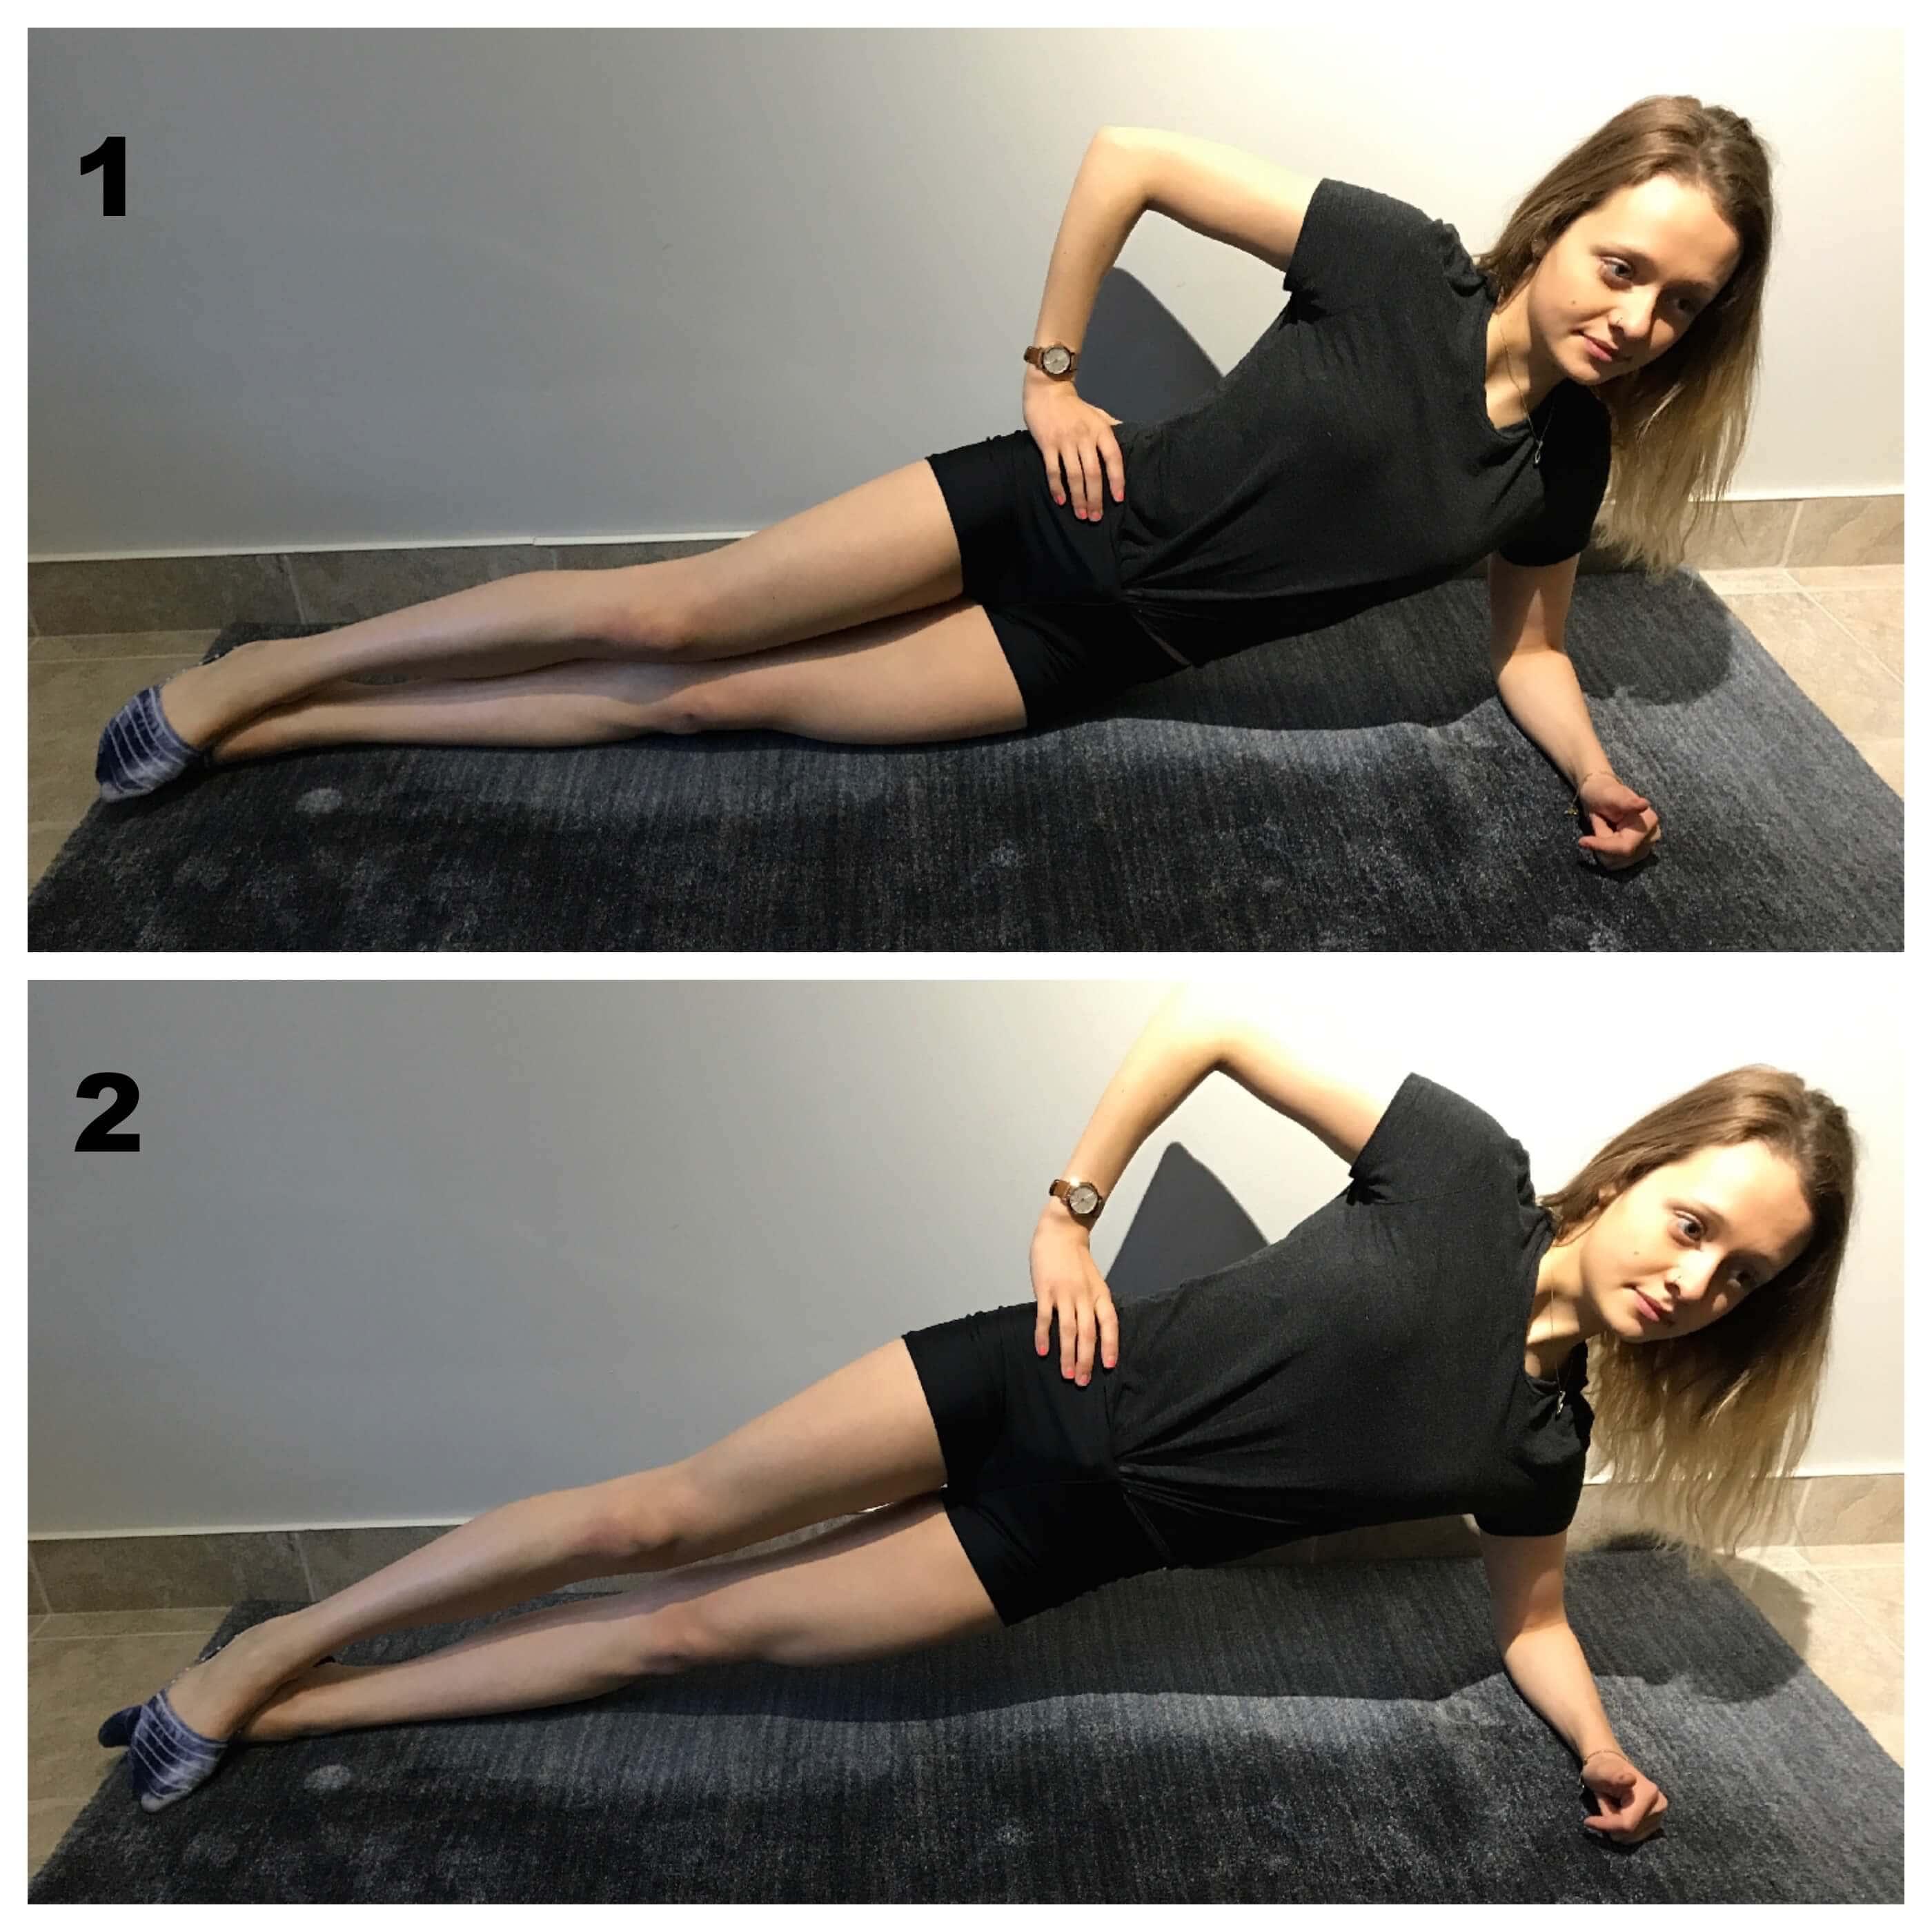 Planche laterale pour mal de dos